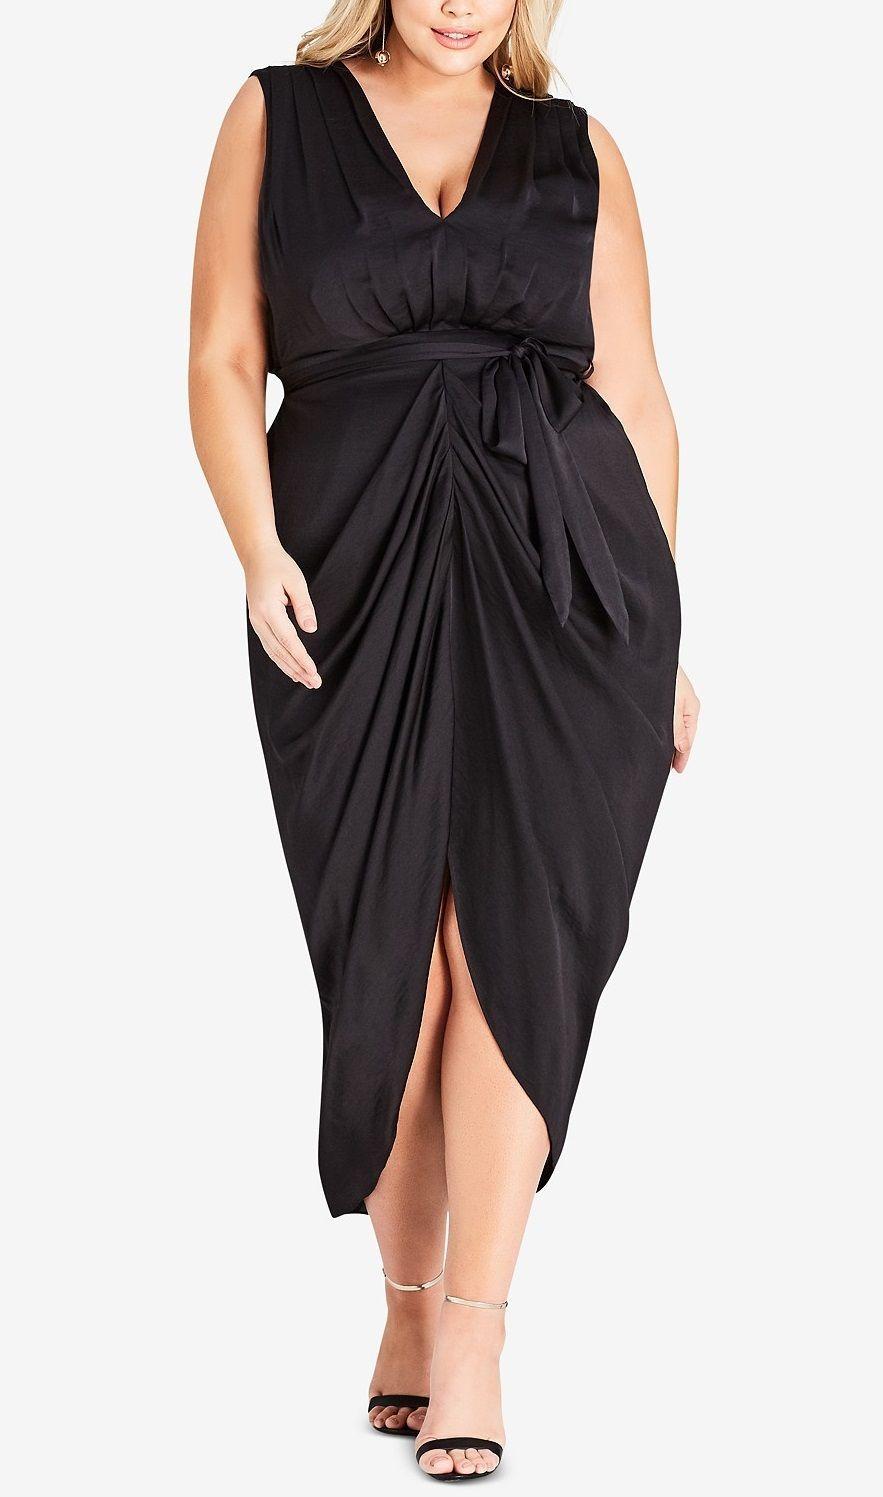 Plus Size Draped Dress   Plus size party dresses, Plus size ...